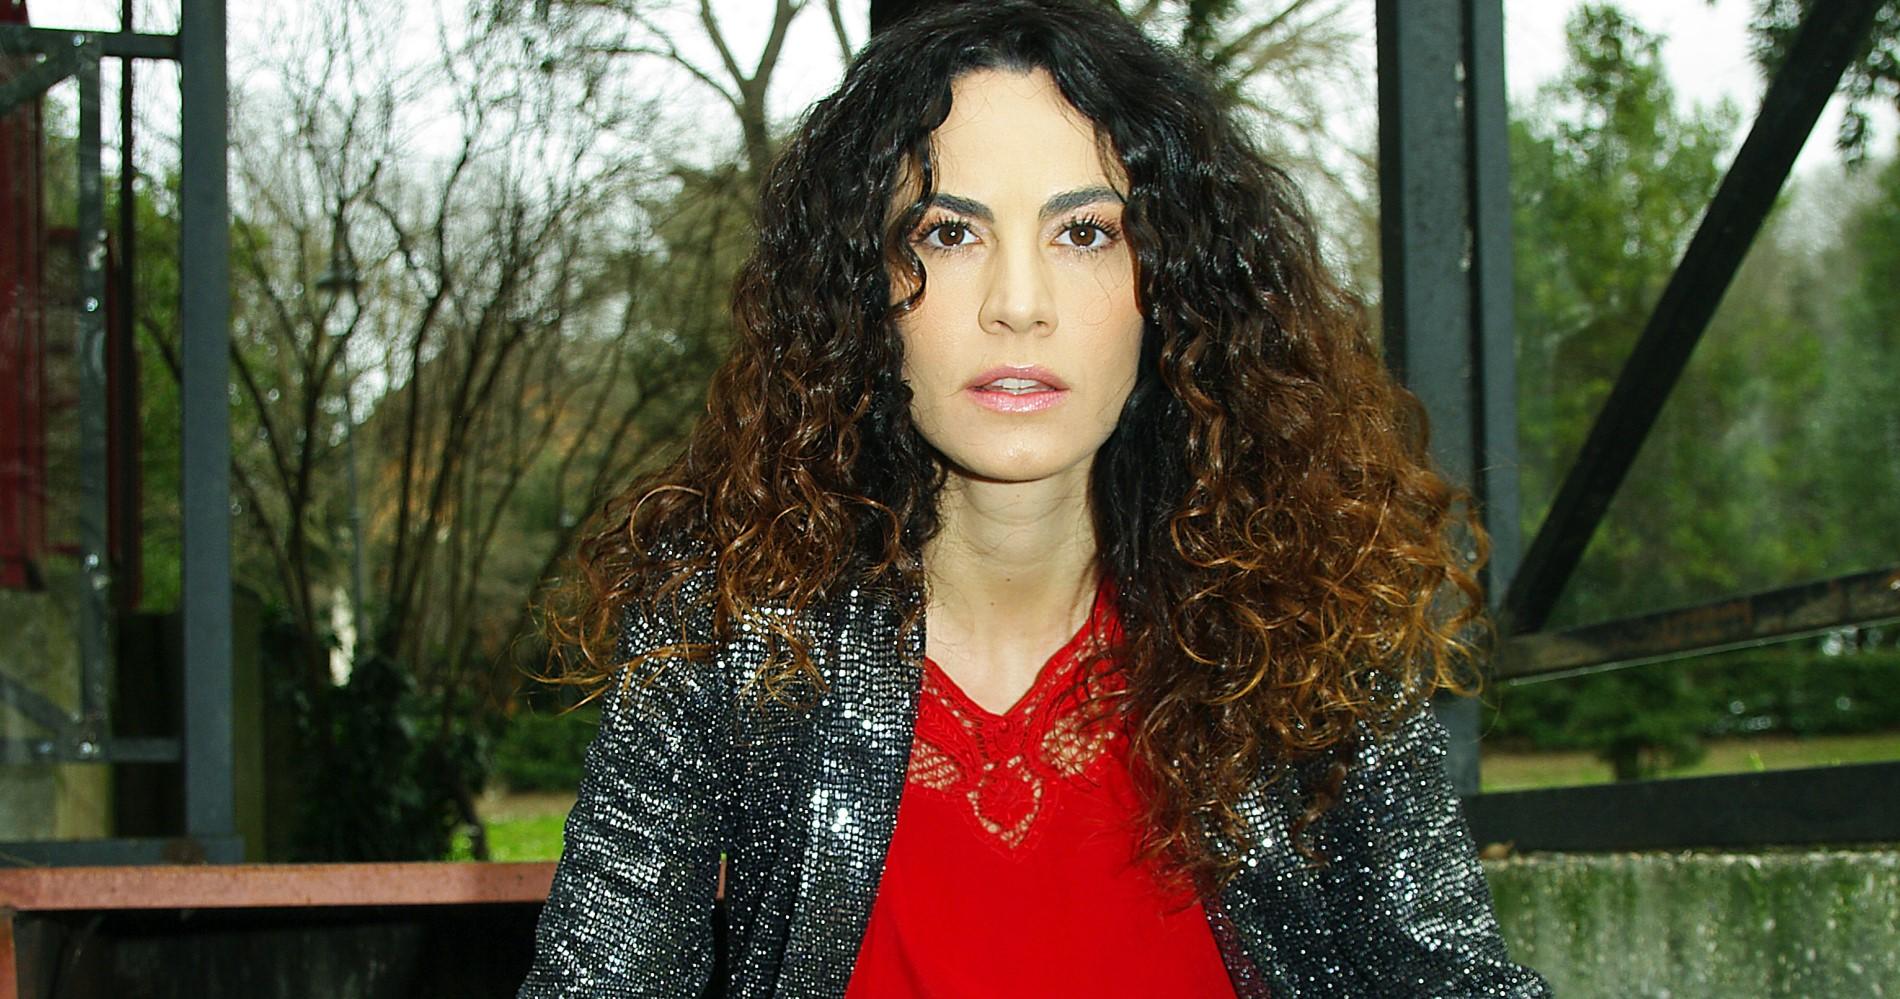 """<span class=""""entry-title-primary"""">Intervista a Enrica Guidi: """"Da Tiziana del BarLume a madre disperata ne 'L'eroe'""""</span> <span class=""""entry-subtitle"""">L'attrice livornese presenta il suo personaggio ne """"L'eroe"""", film in uscita il 21 marzo, e ripercorre le tappe più significative della sua carriera.</span>"""